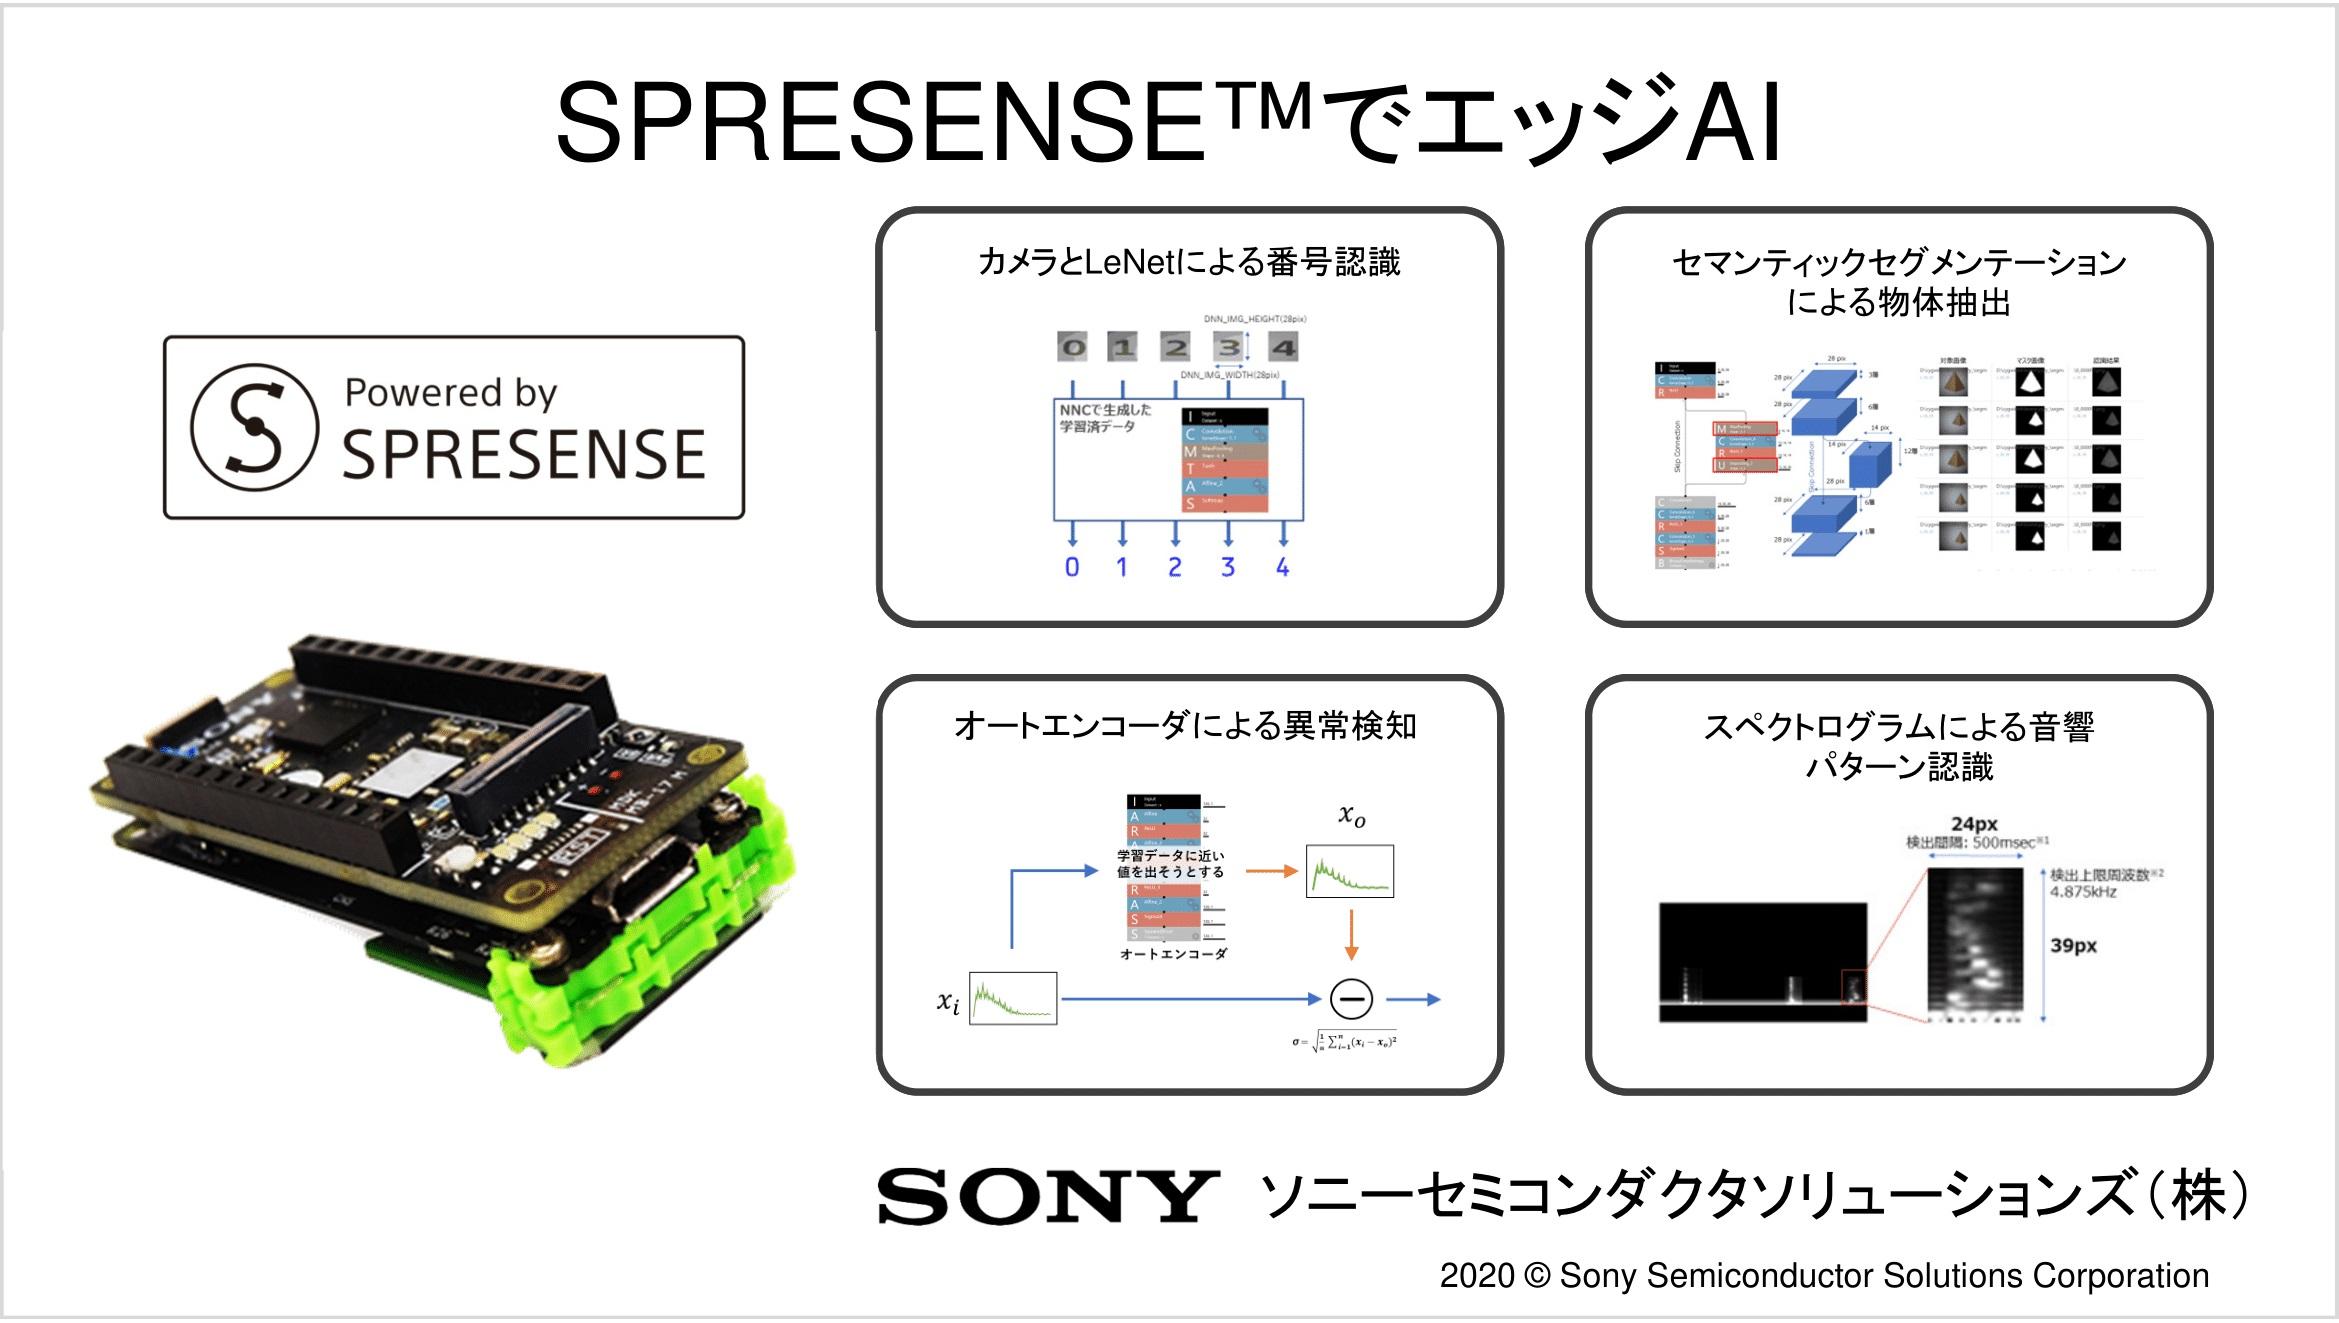 SONY_SPRESENSE_20201204-1